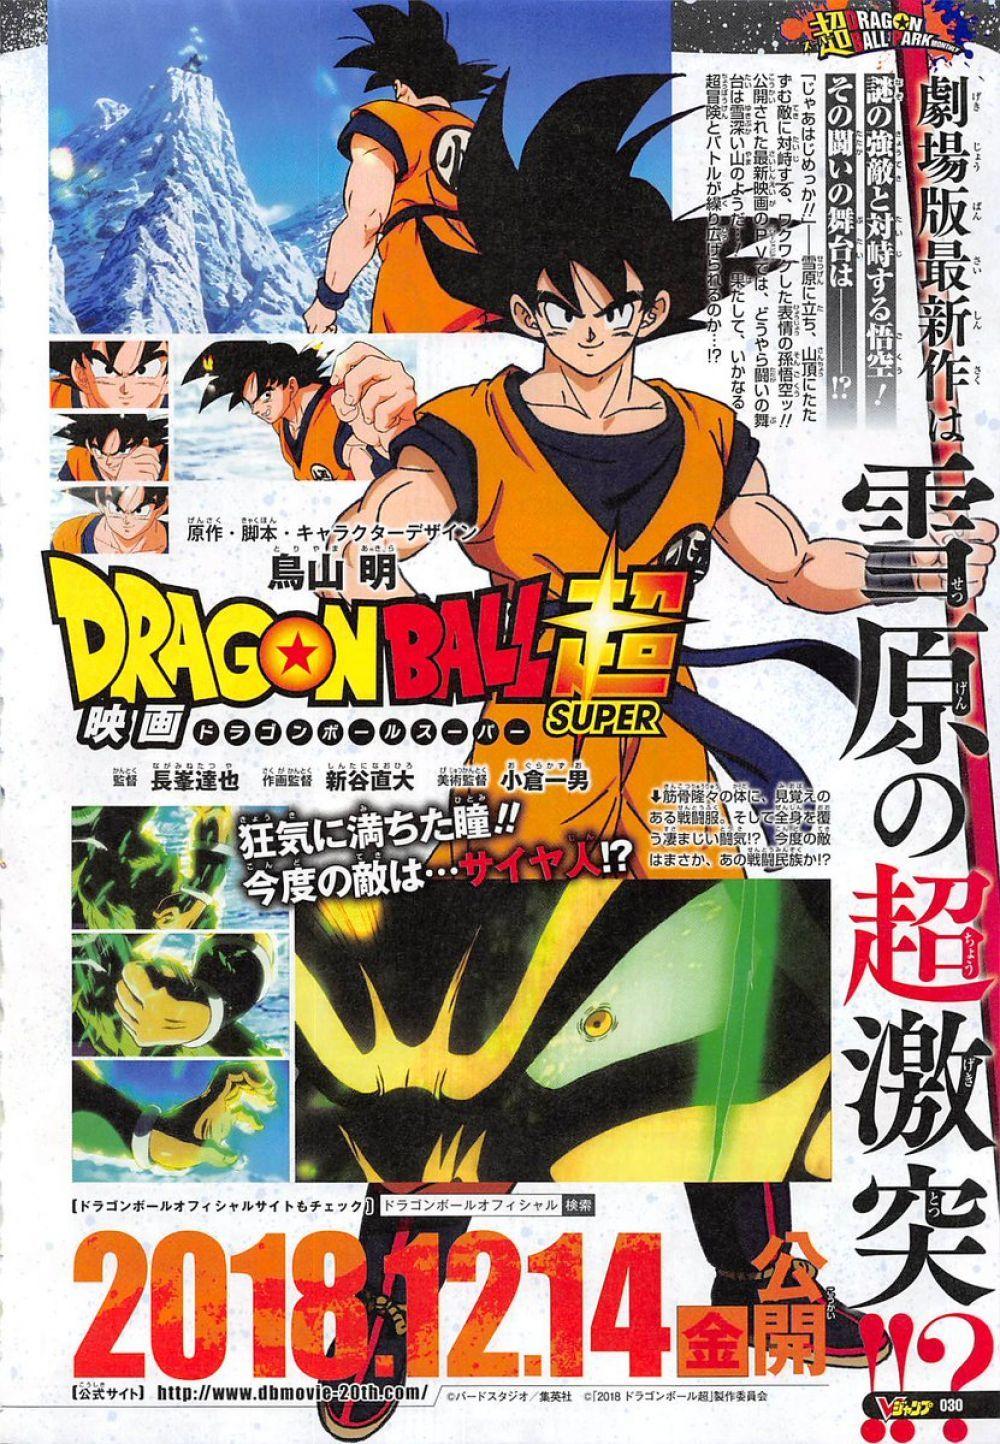 Dragon Ball Super Poster Nueva Pelicula Libra Caballeros Del Zodiaco Dragones Imagenes De Dragon